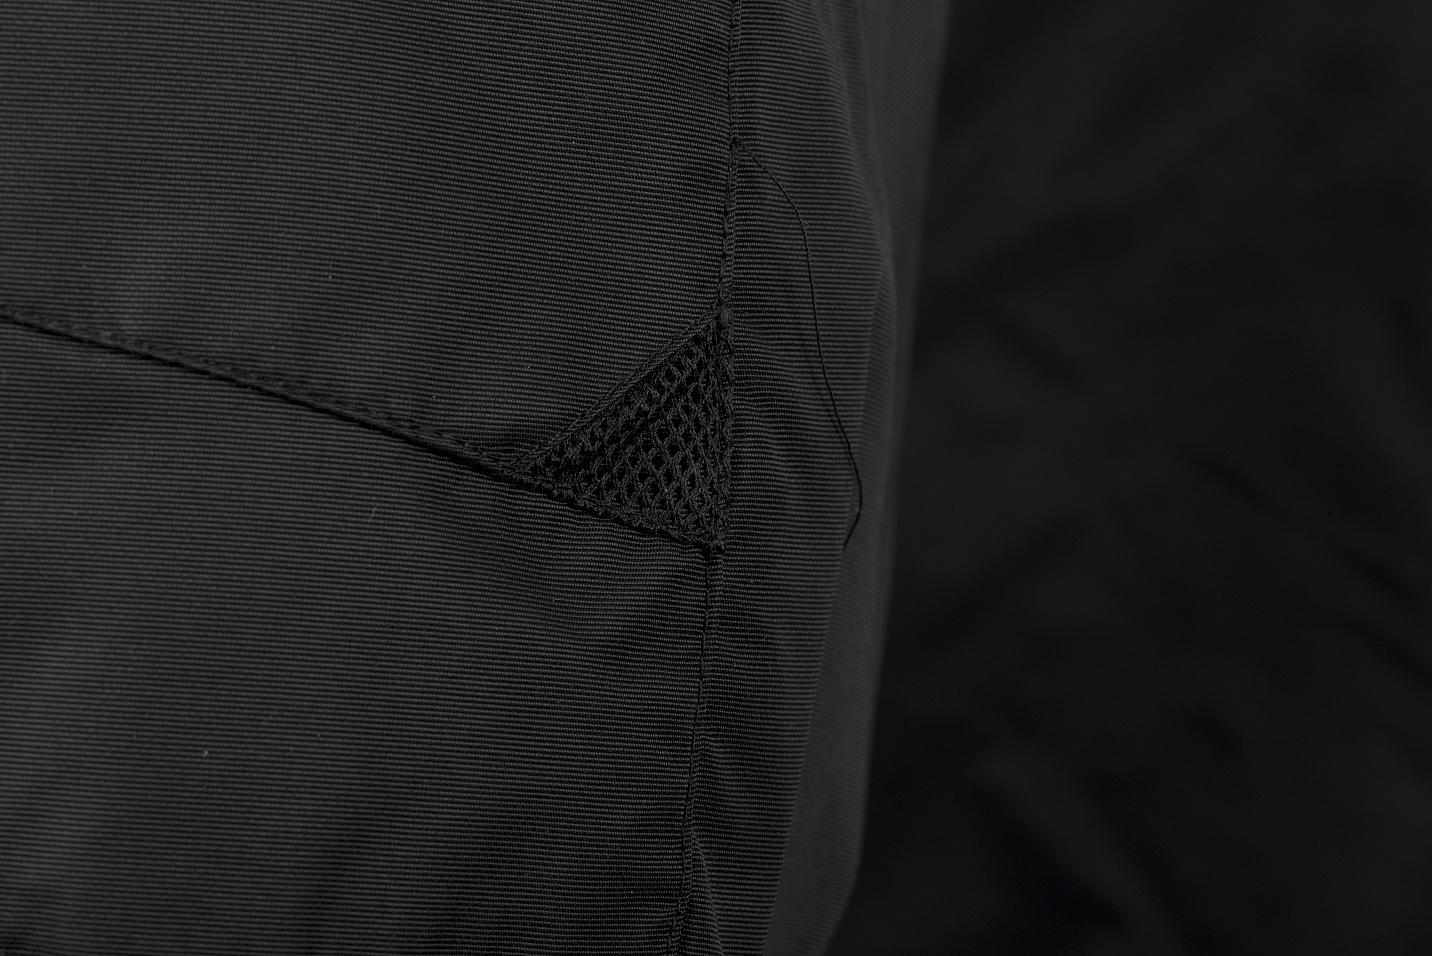 shambala_shorts-true_black-detail03.jpg